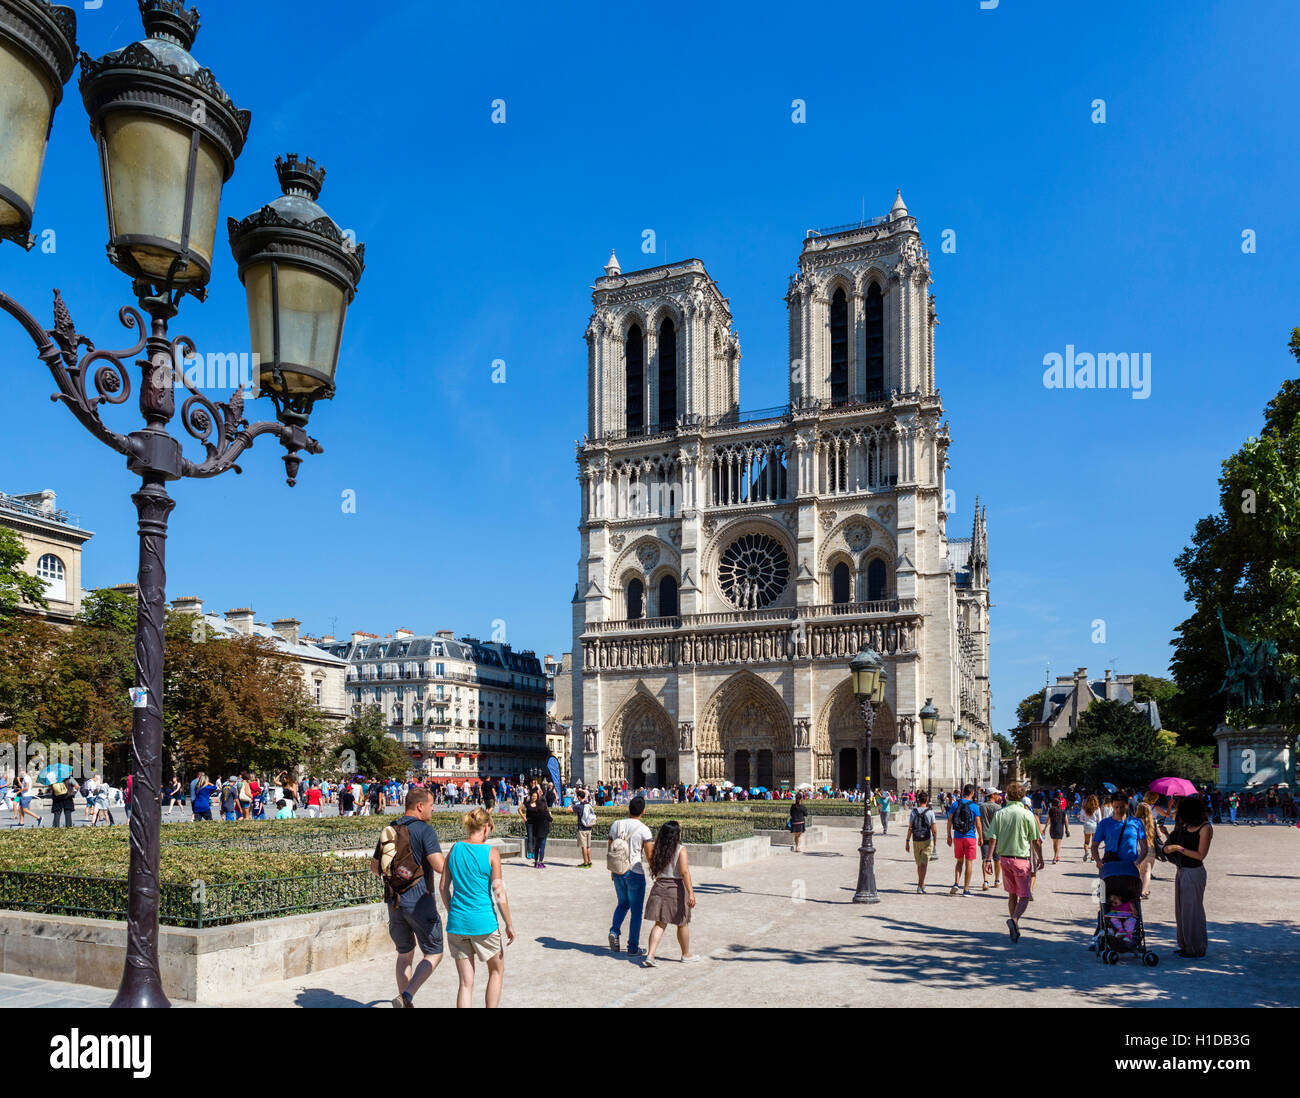 Notre Dame, Paris. Avant de l'ouest de la cathédrale Notre-Dame (Notre-Dame de Paris), l'Île de Photo Stock